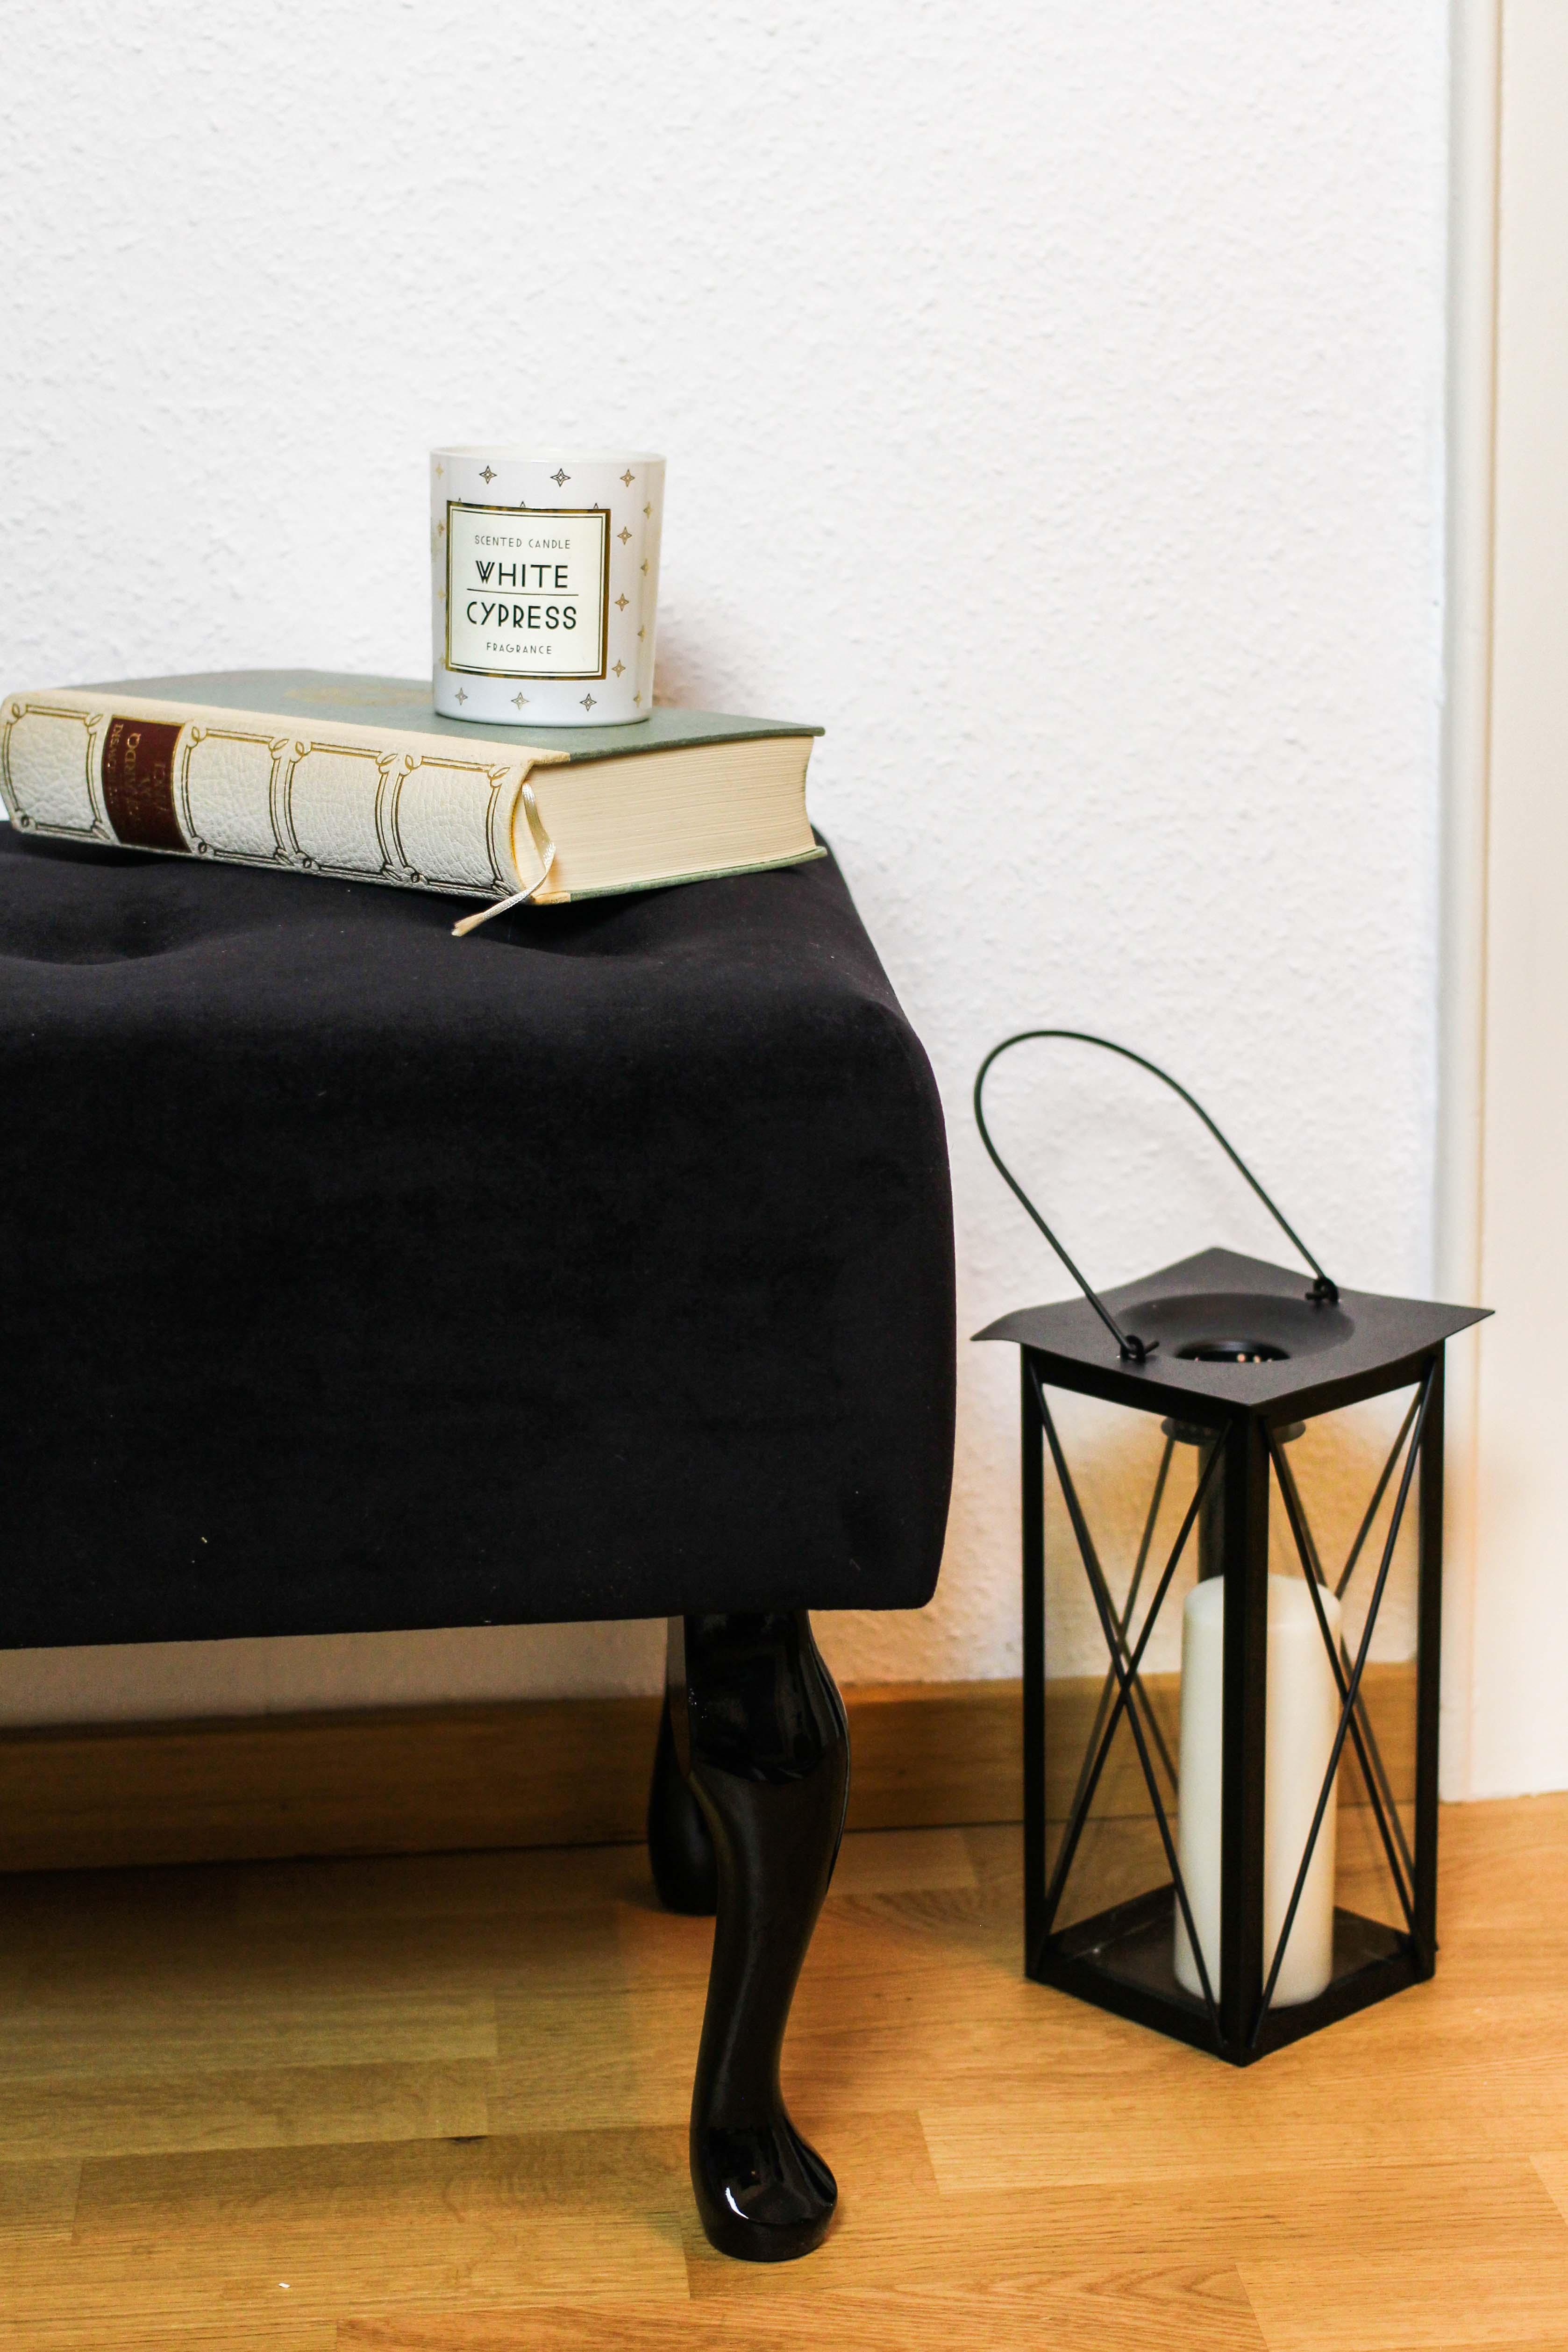 Blogger Adventskalender Gewinnspiel gepolsterte Flurbank Baroque von Wayfair schwarz Interior Einrichtung Flur Bank sitzen Blogger 1